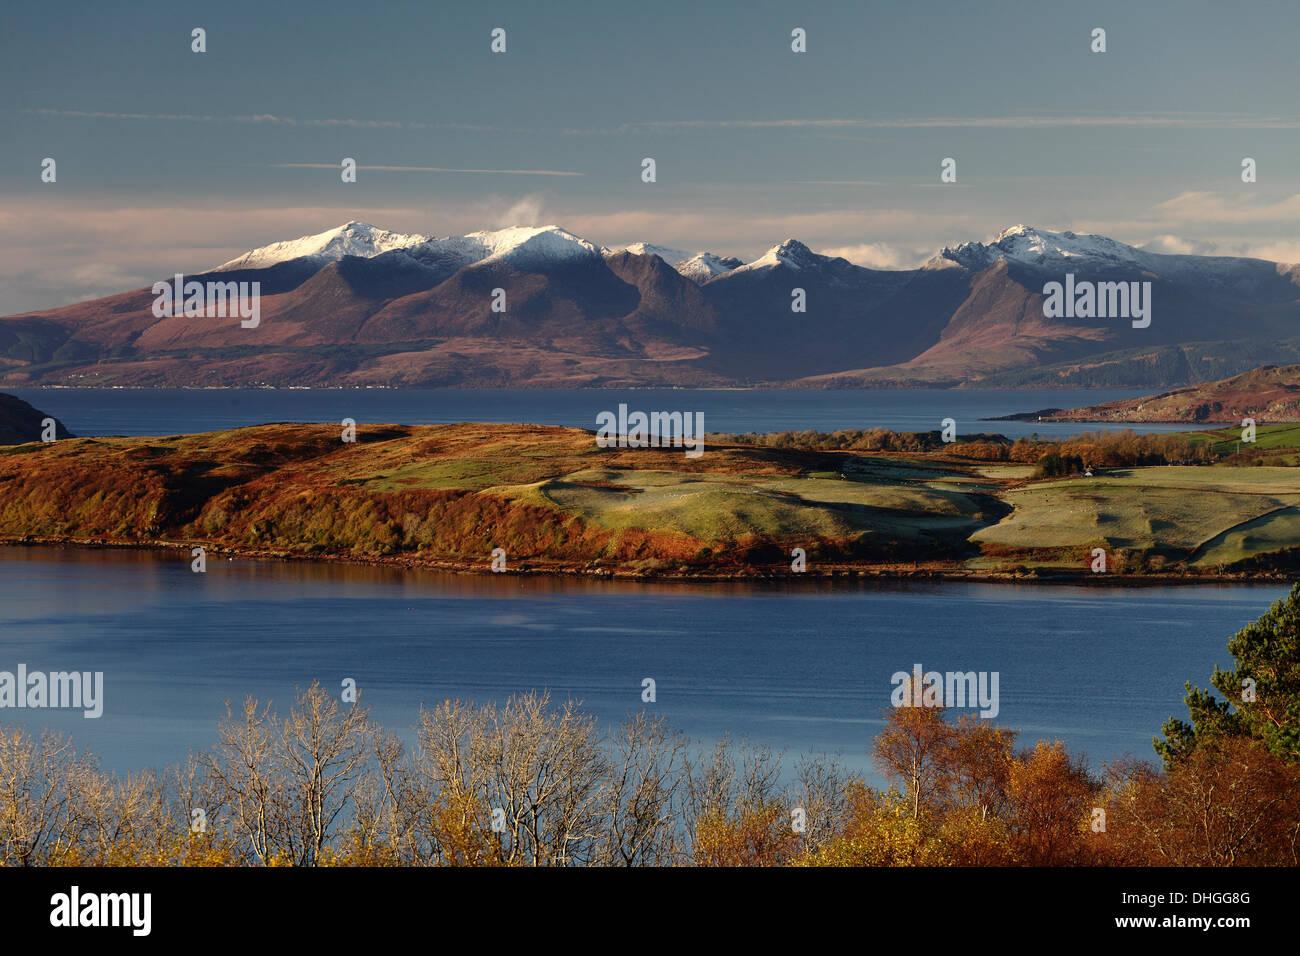 Haylie Brae, Nord Ayrshire, Scozia, Regno Unito, domenica 10 novembre 2013. Primo mattino sole d'autunno sulle montagne innevate sull'isola di Arran sul Firth di Clyde con l'isola di Gran Cumbrae in primo piano. Foto Stock